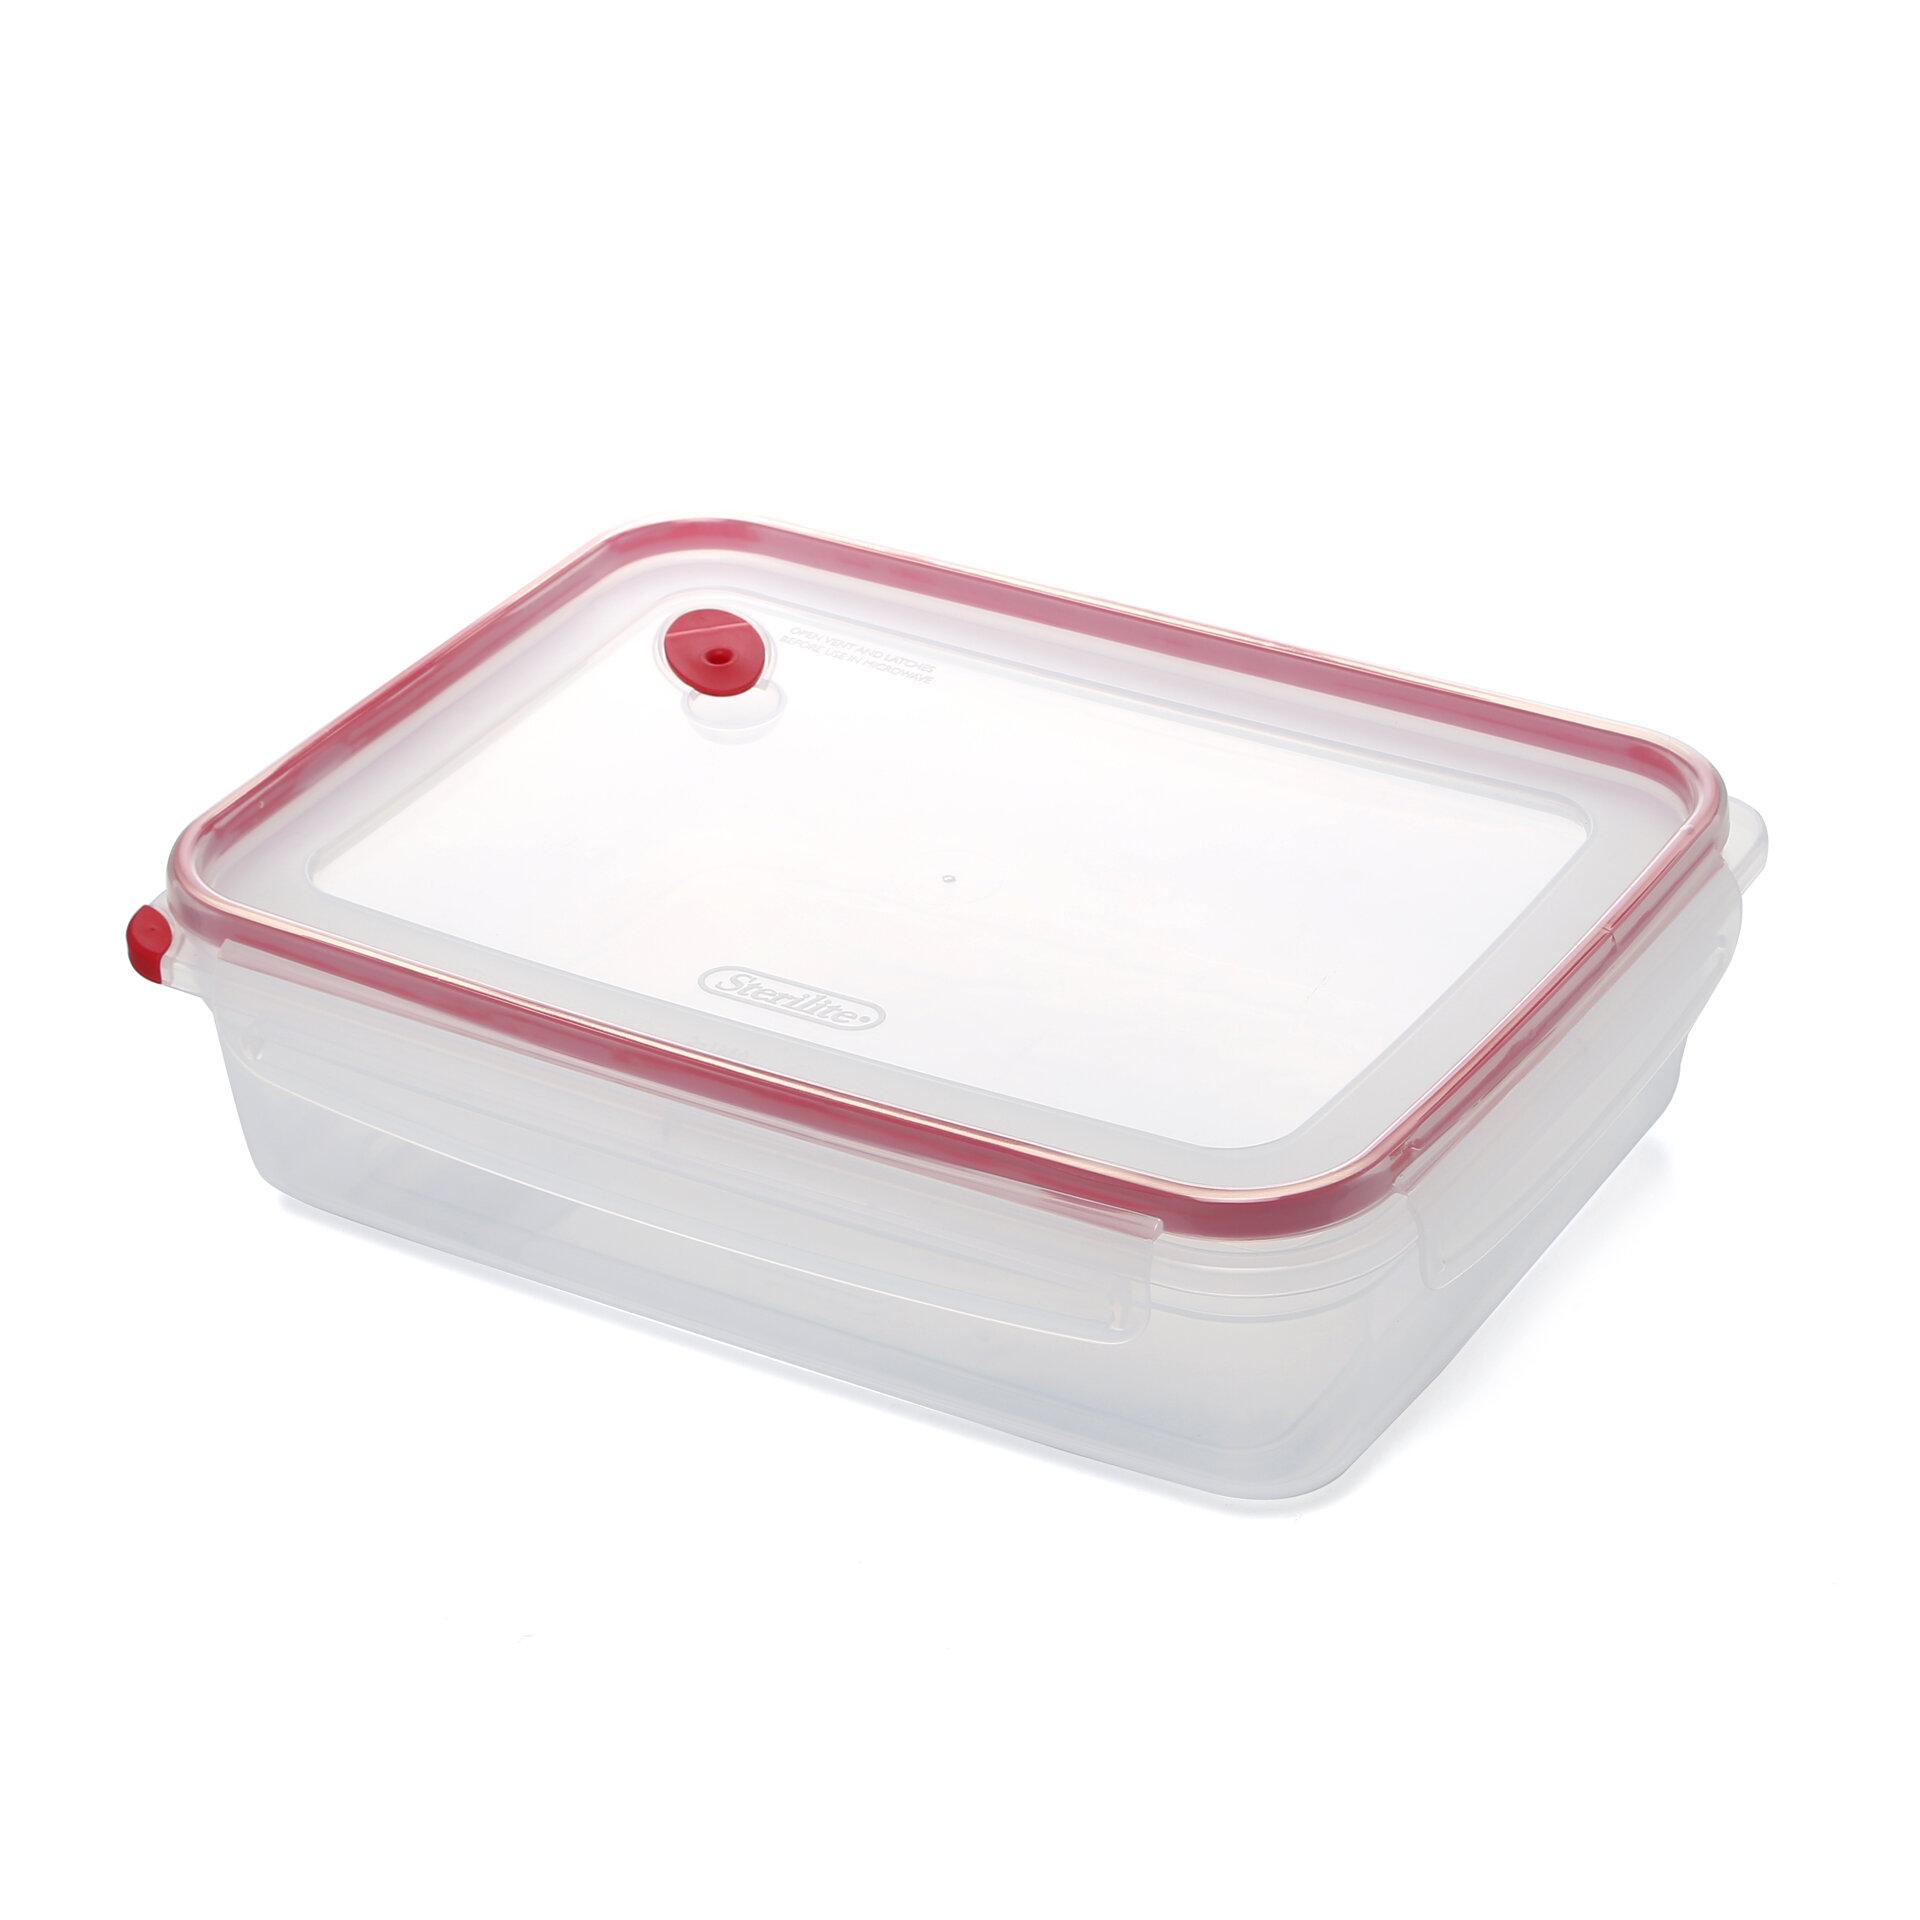 Sterilite File Crate Cherry Tomato